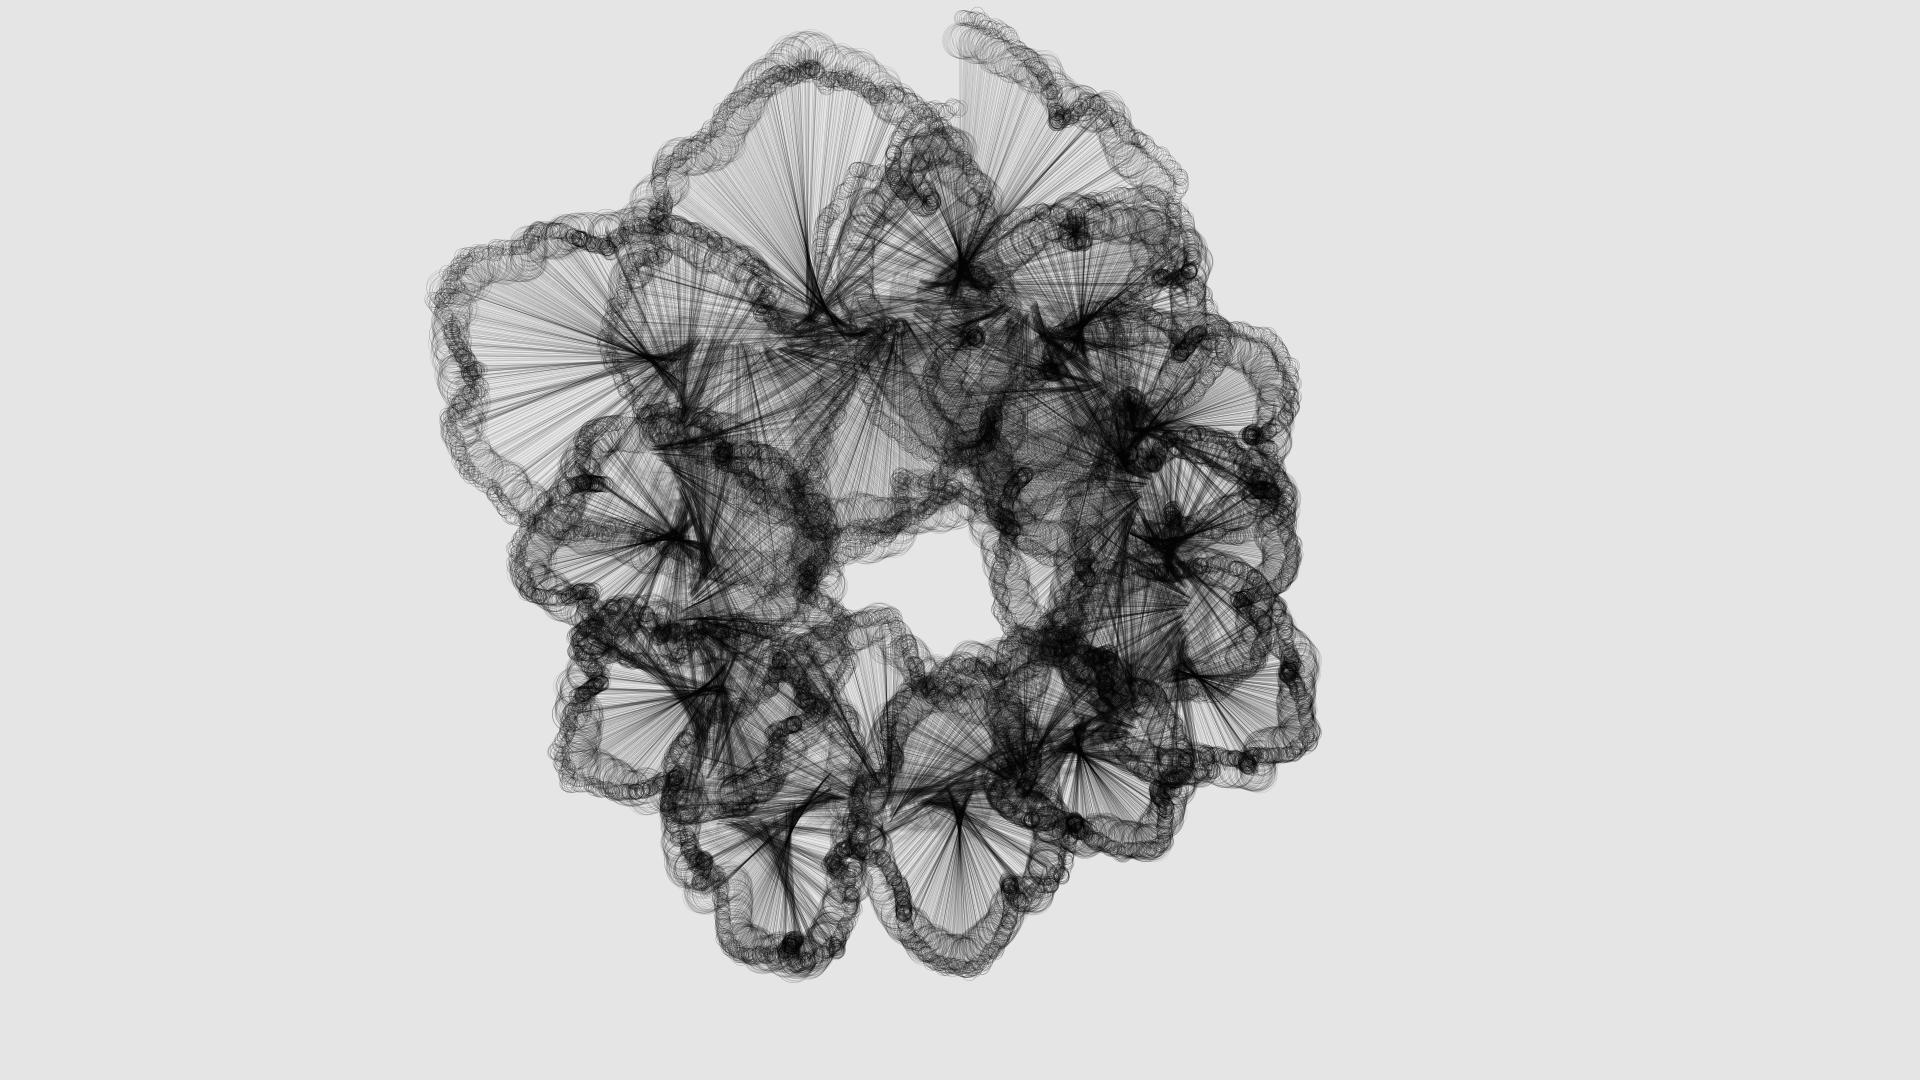 orrery-showlines-showcircles-showearth-moon_retrograde-moonlet_retrograde-M5E12-F13920-1160-232-O261.13605-239.01016-22.881699-D53.0-35.0-15.0.png